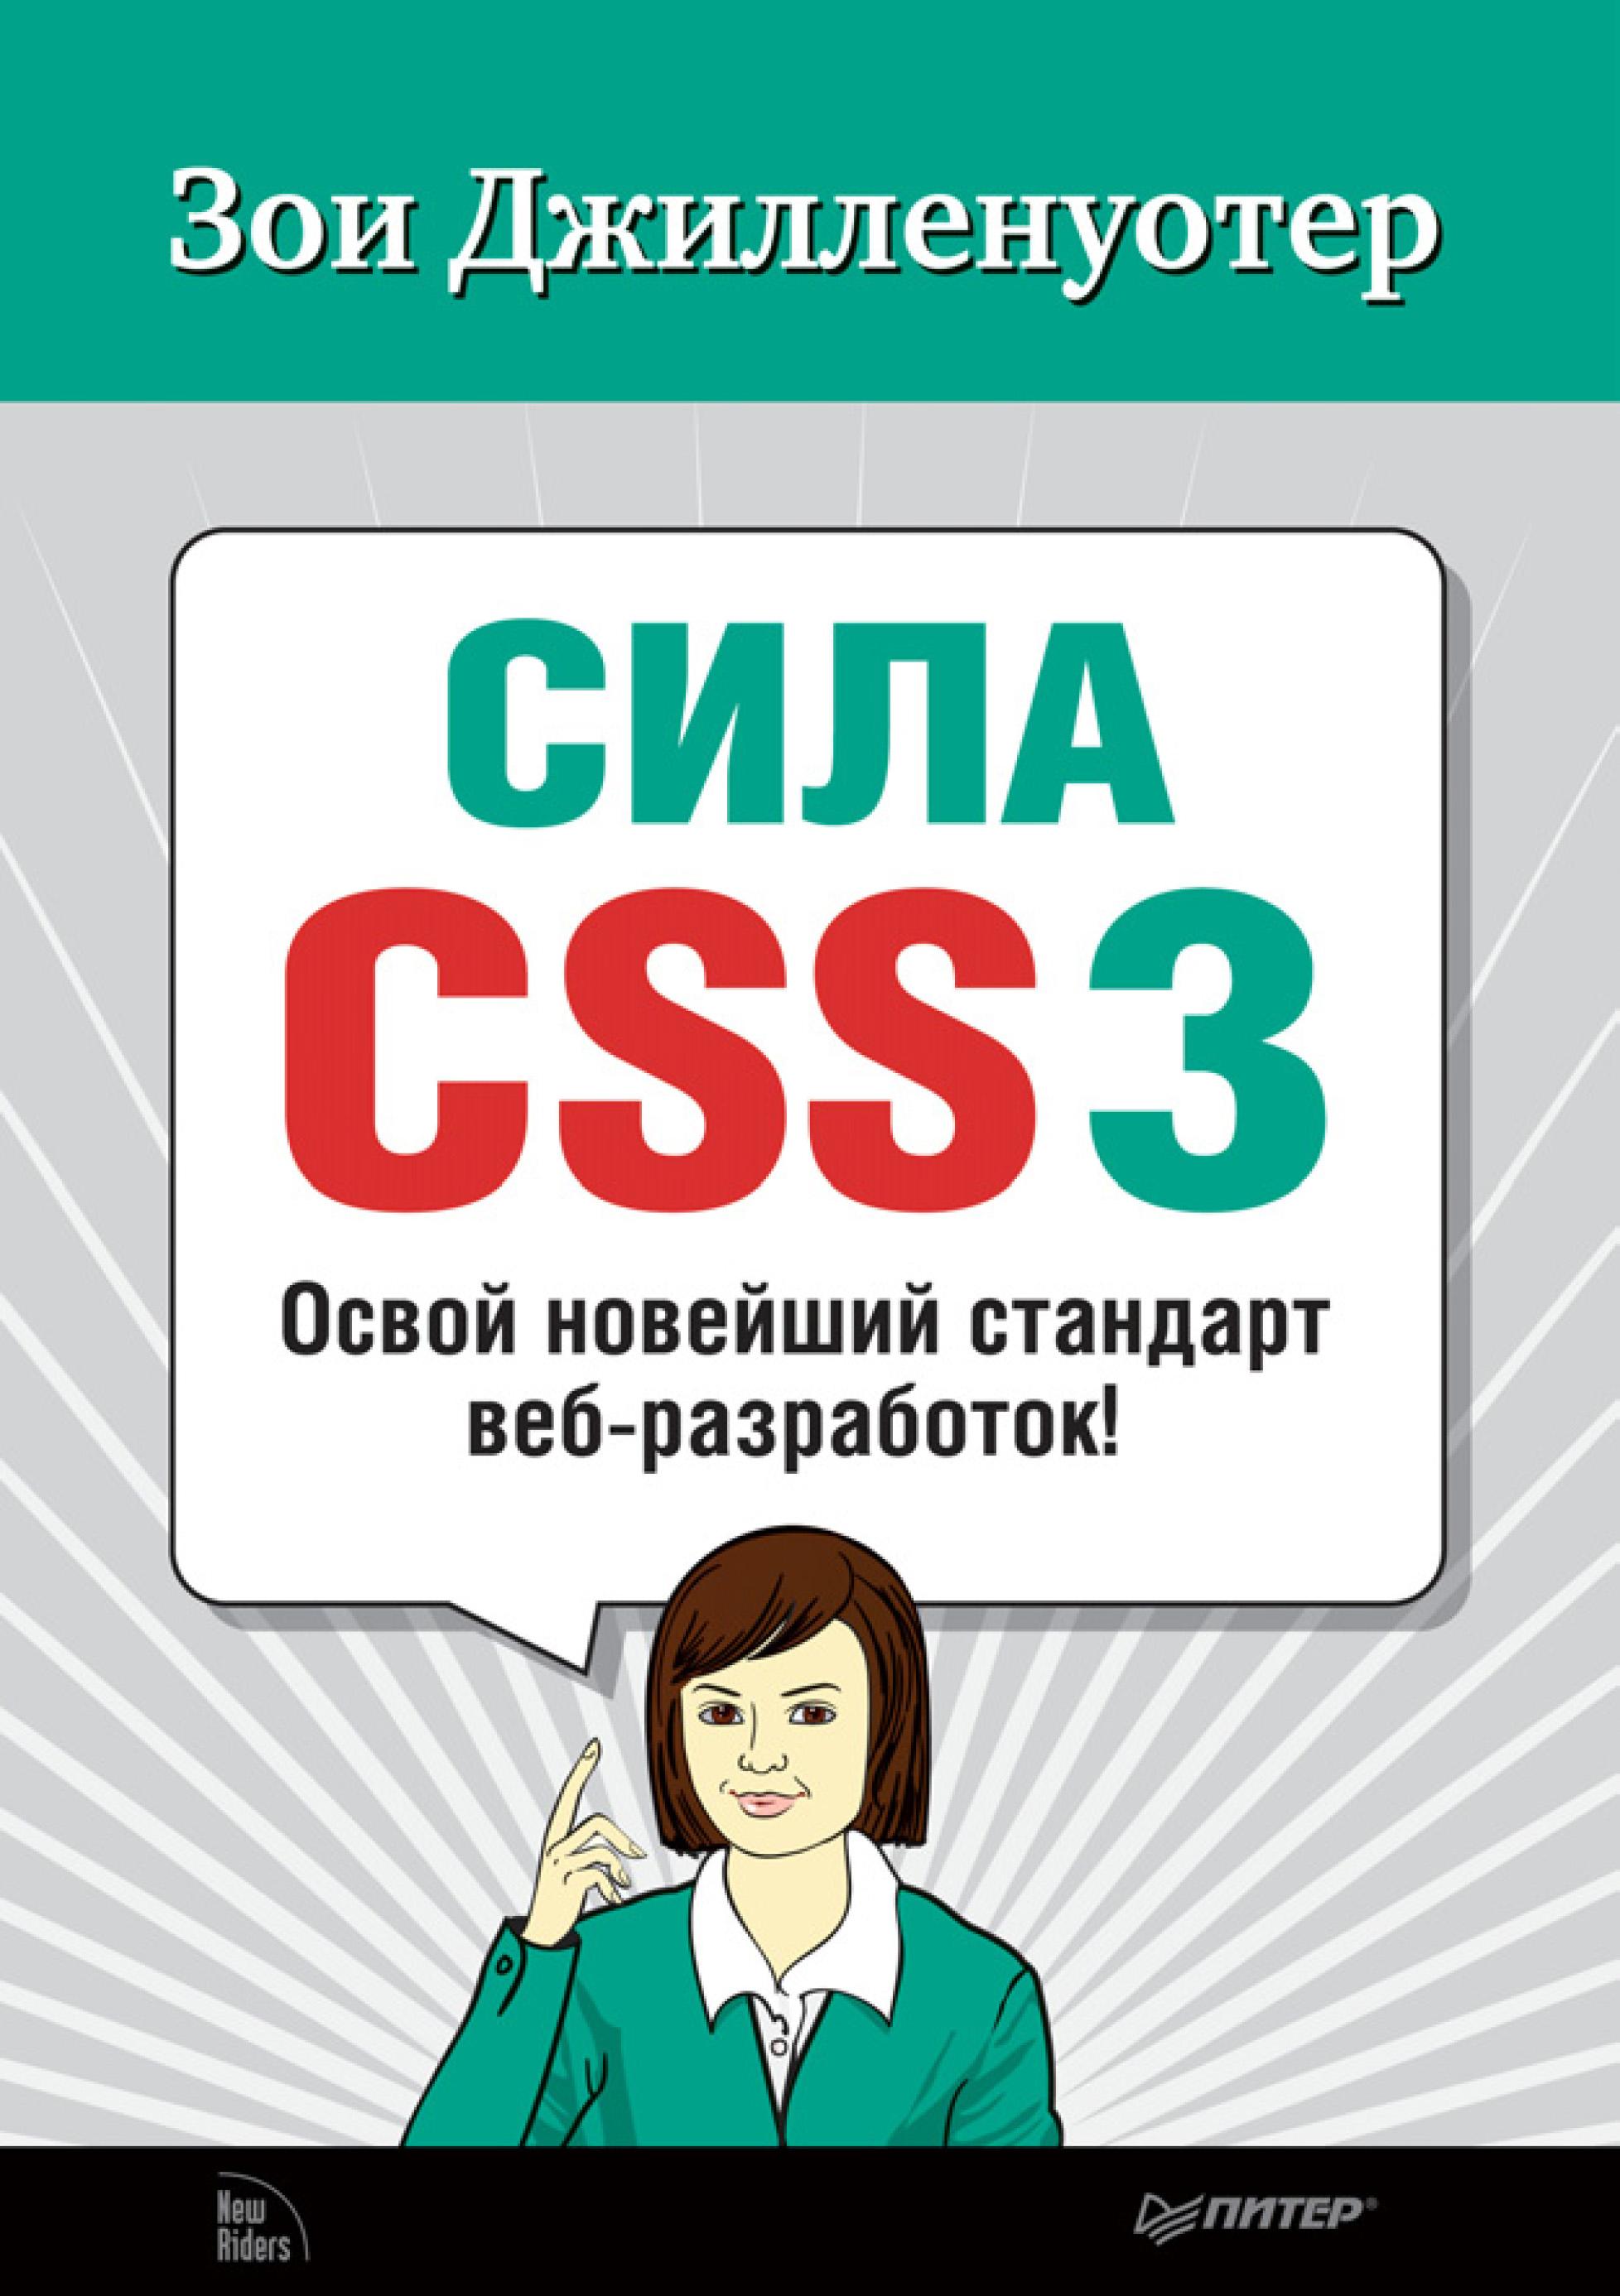 Зои Джилленуотер «Сила CSS3. Освой новейший стандарт веб-разработок!»